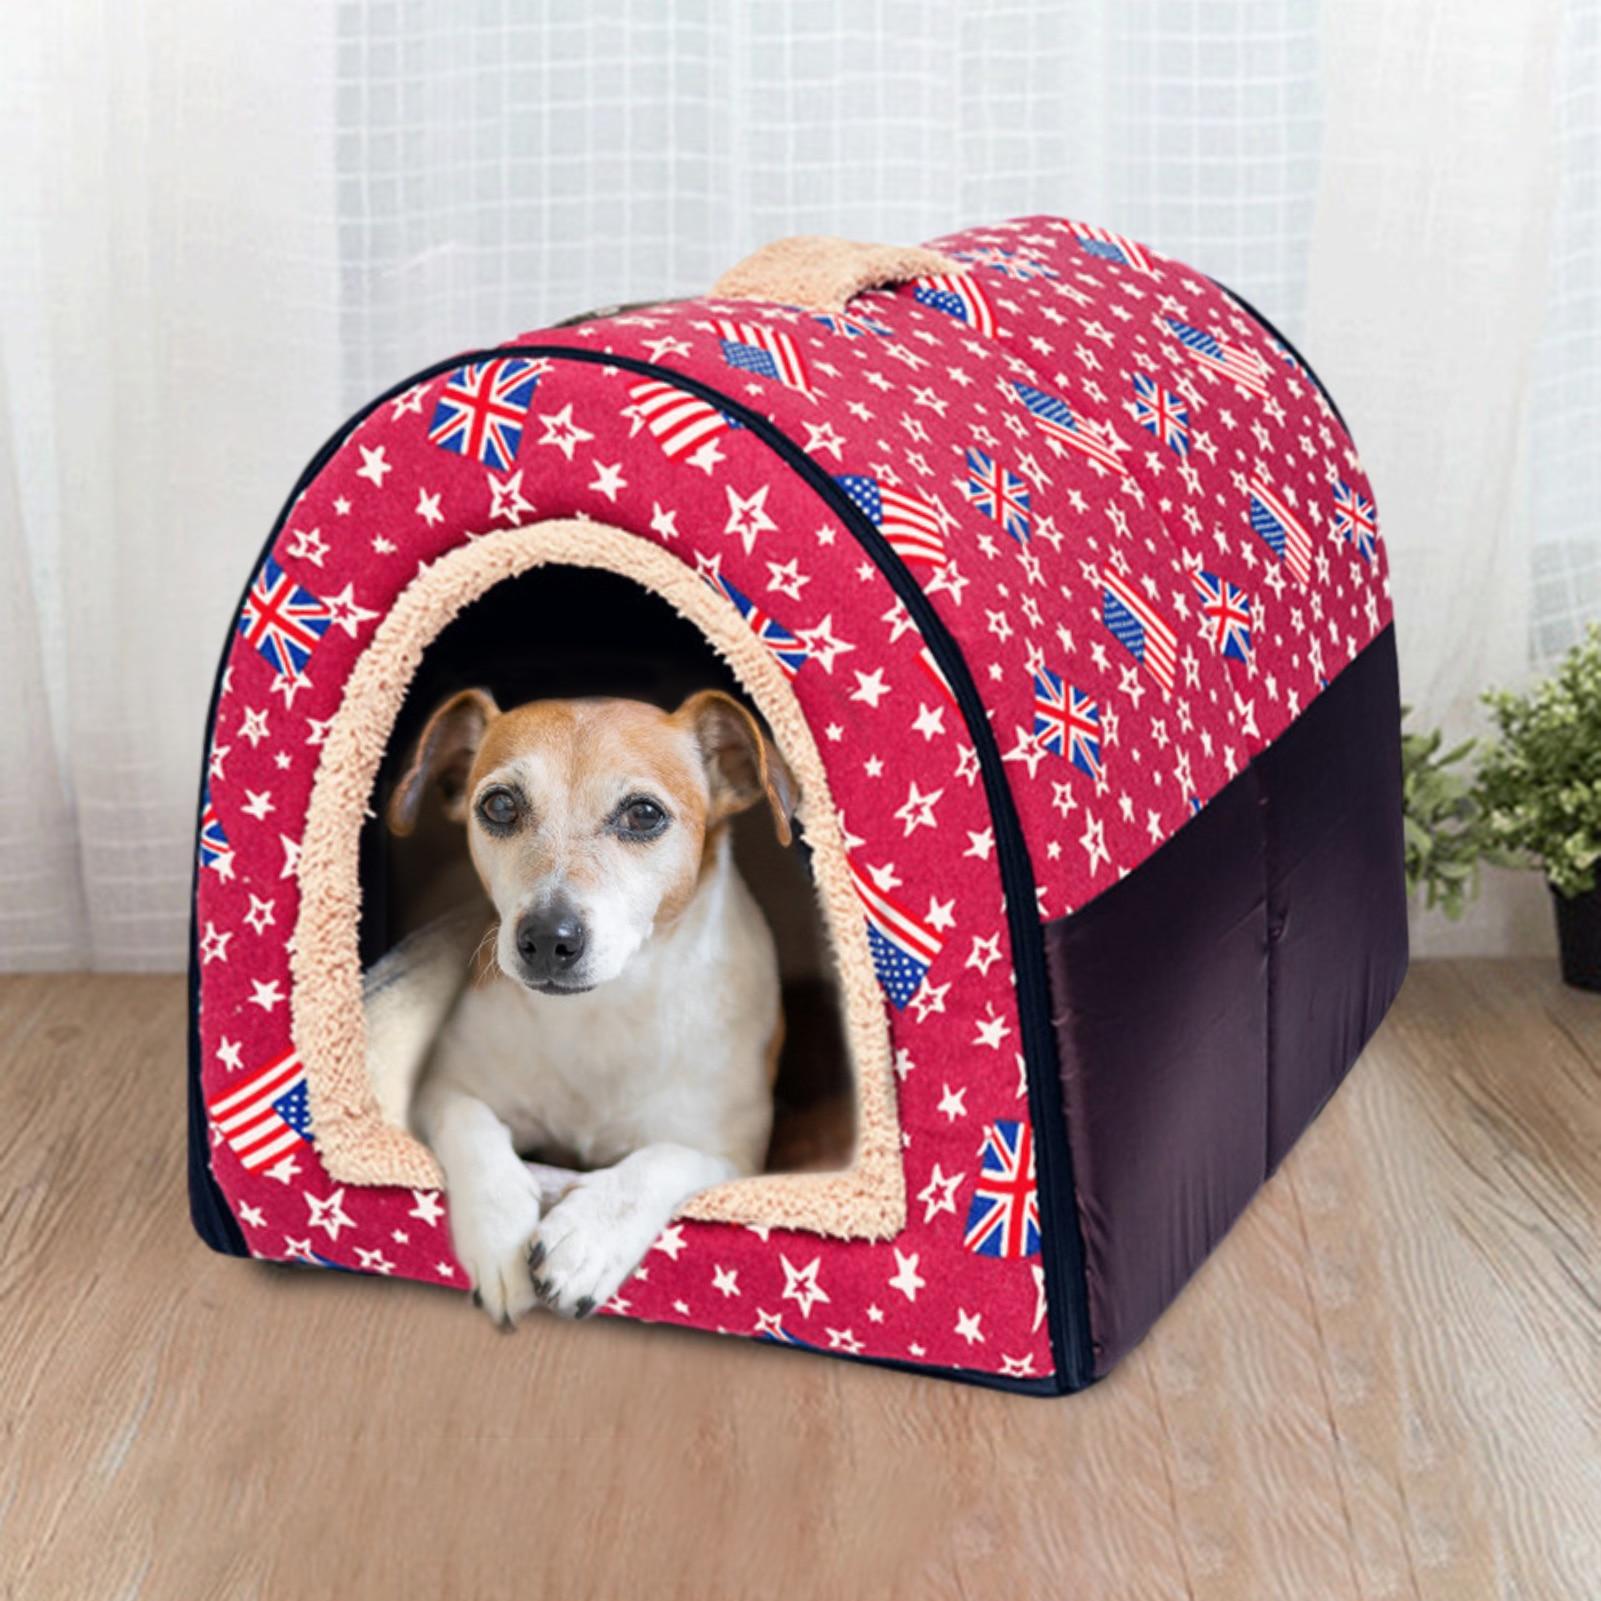 Lit pour chat 2 en 1, grotte intérieure pliable en toile chaude rouge, niche pour petit chien, tapis de couchage pour animaux de compagnie, double usage